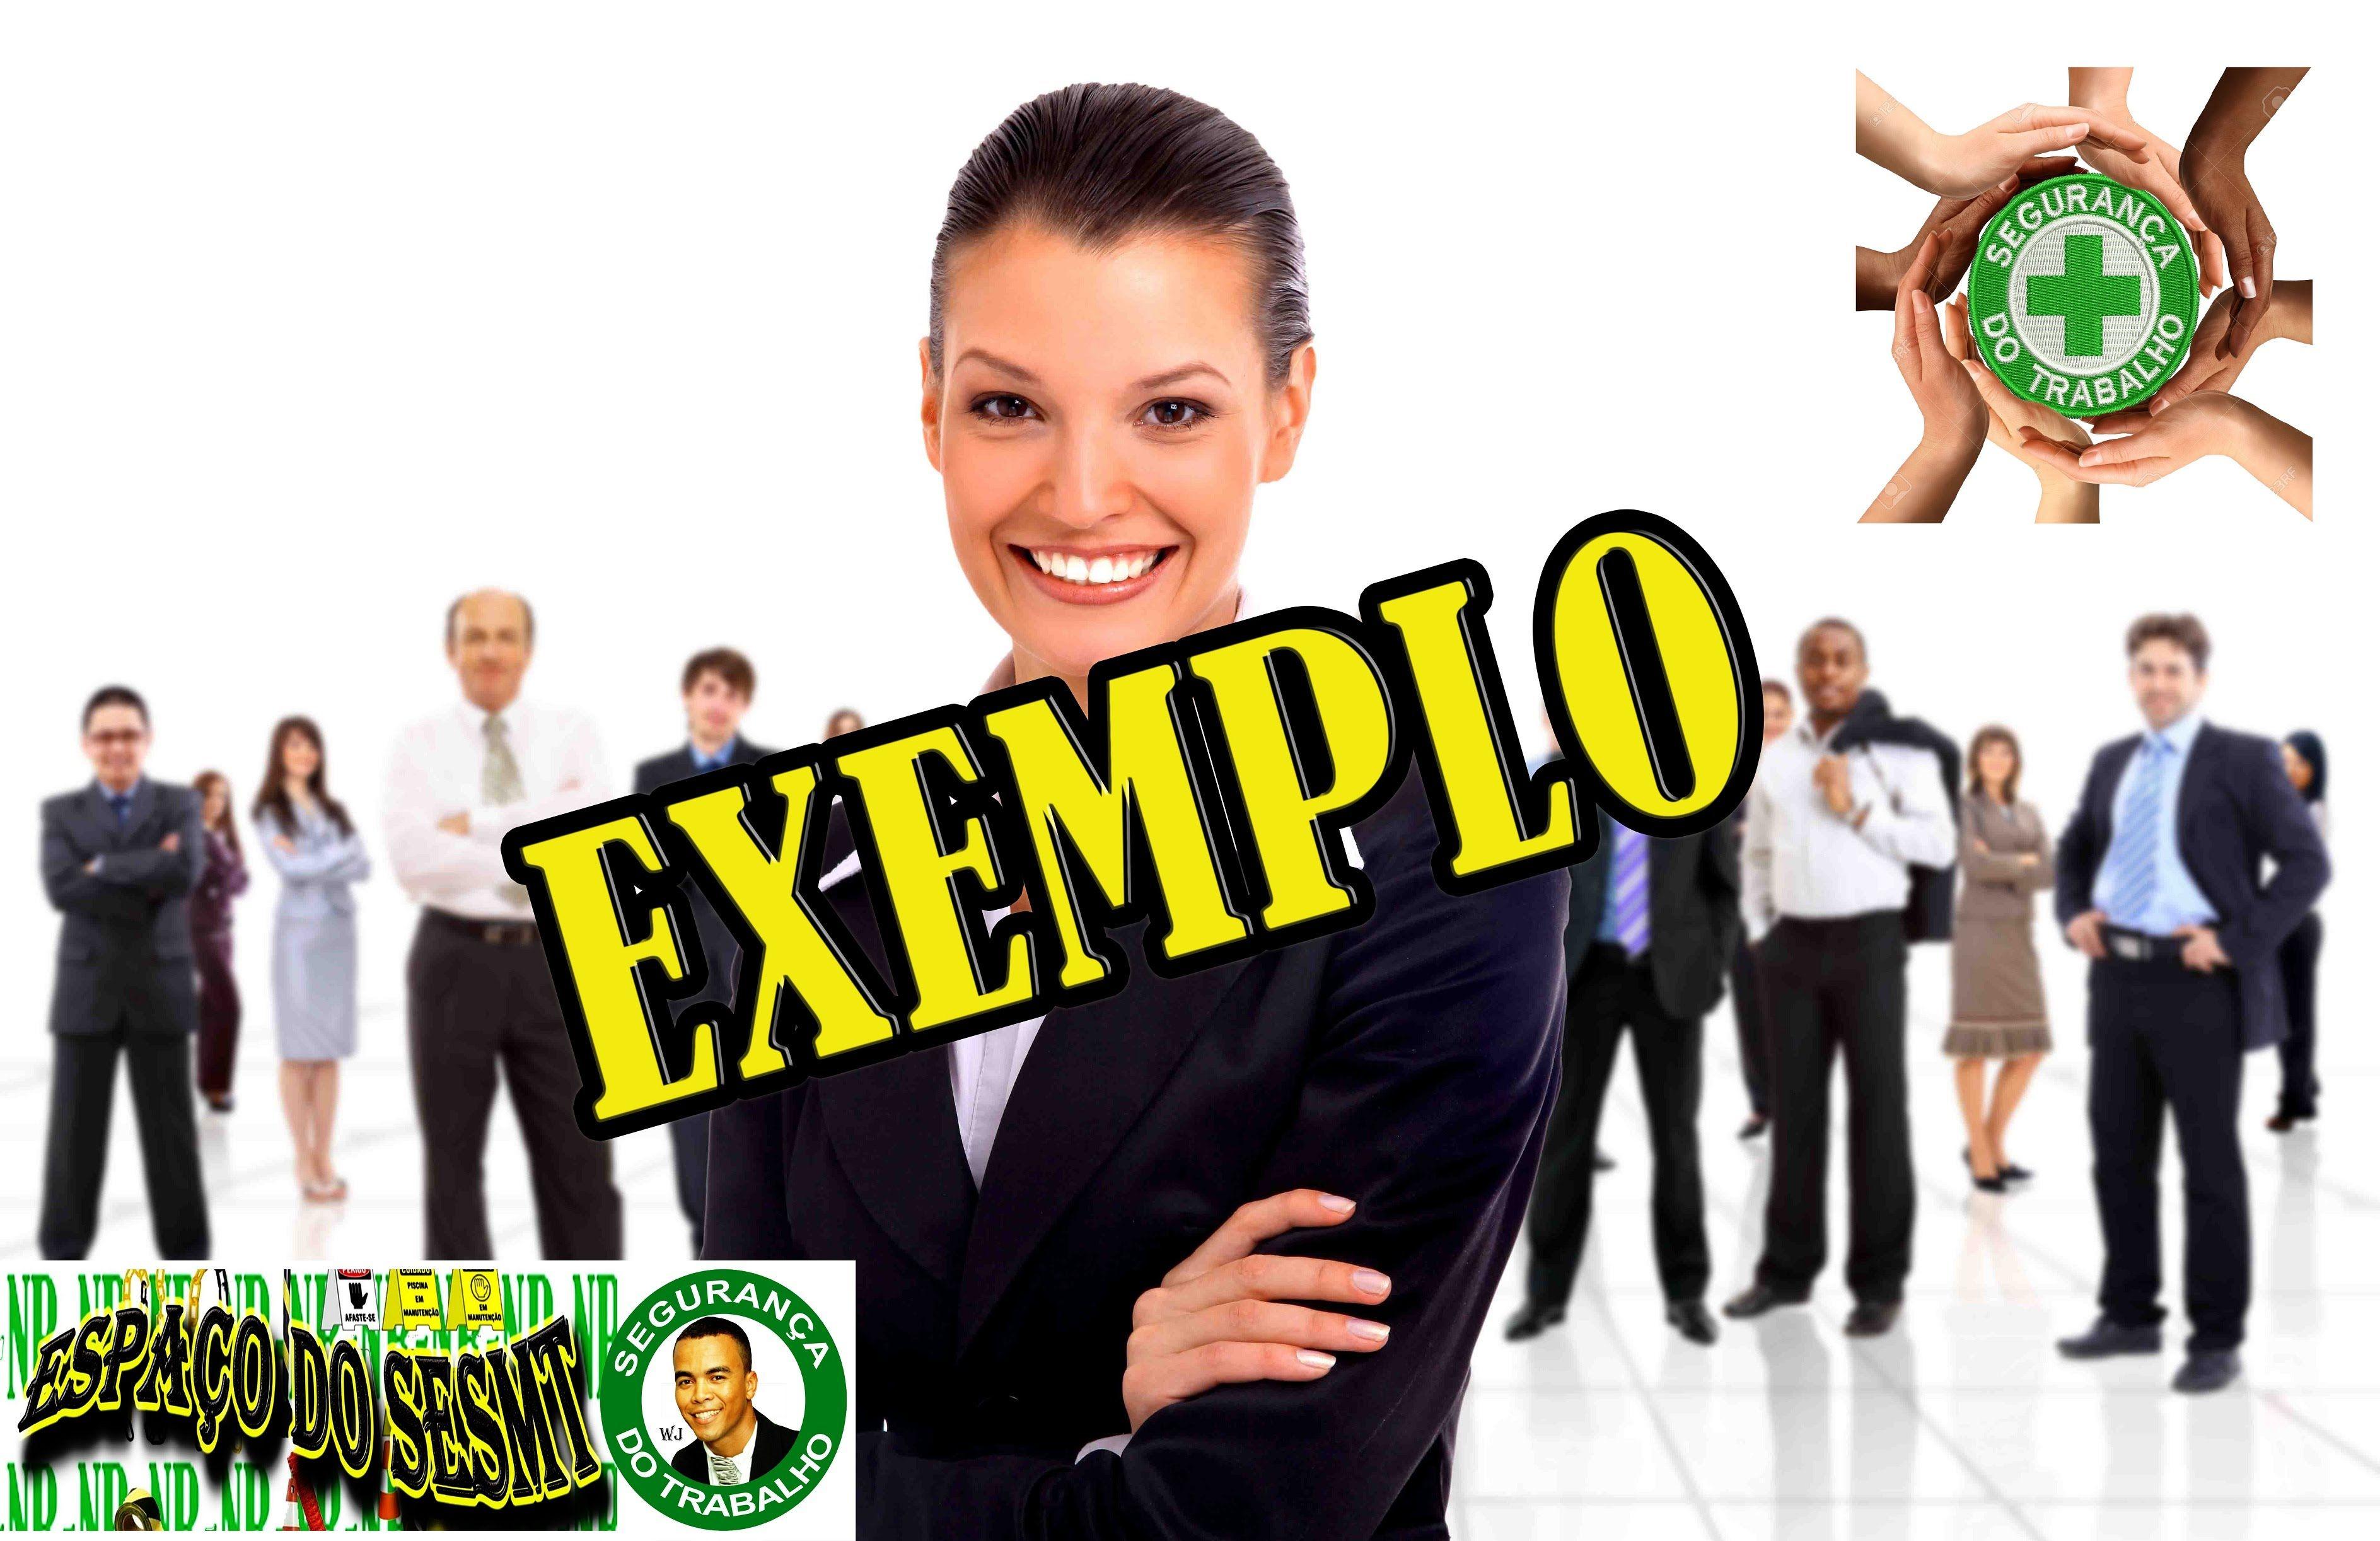 MAUS EXEMPLOS X TÉCNICO EM SEGURANÇA